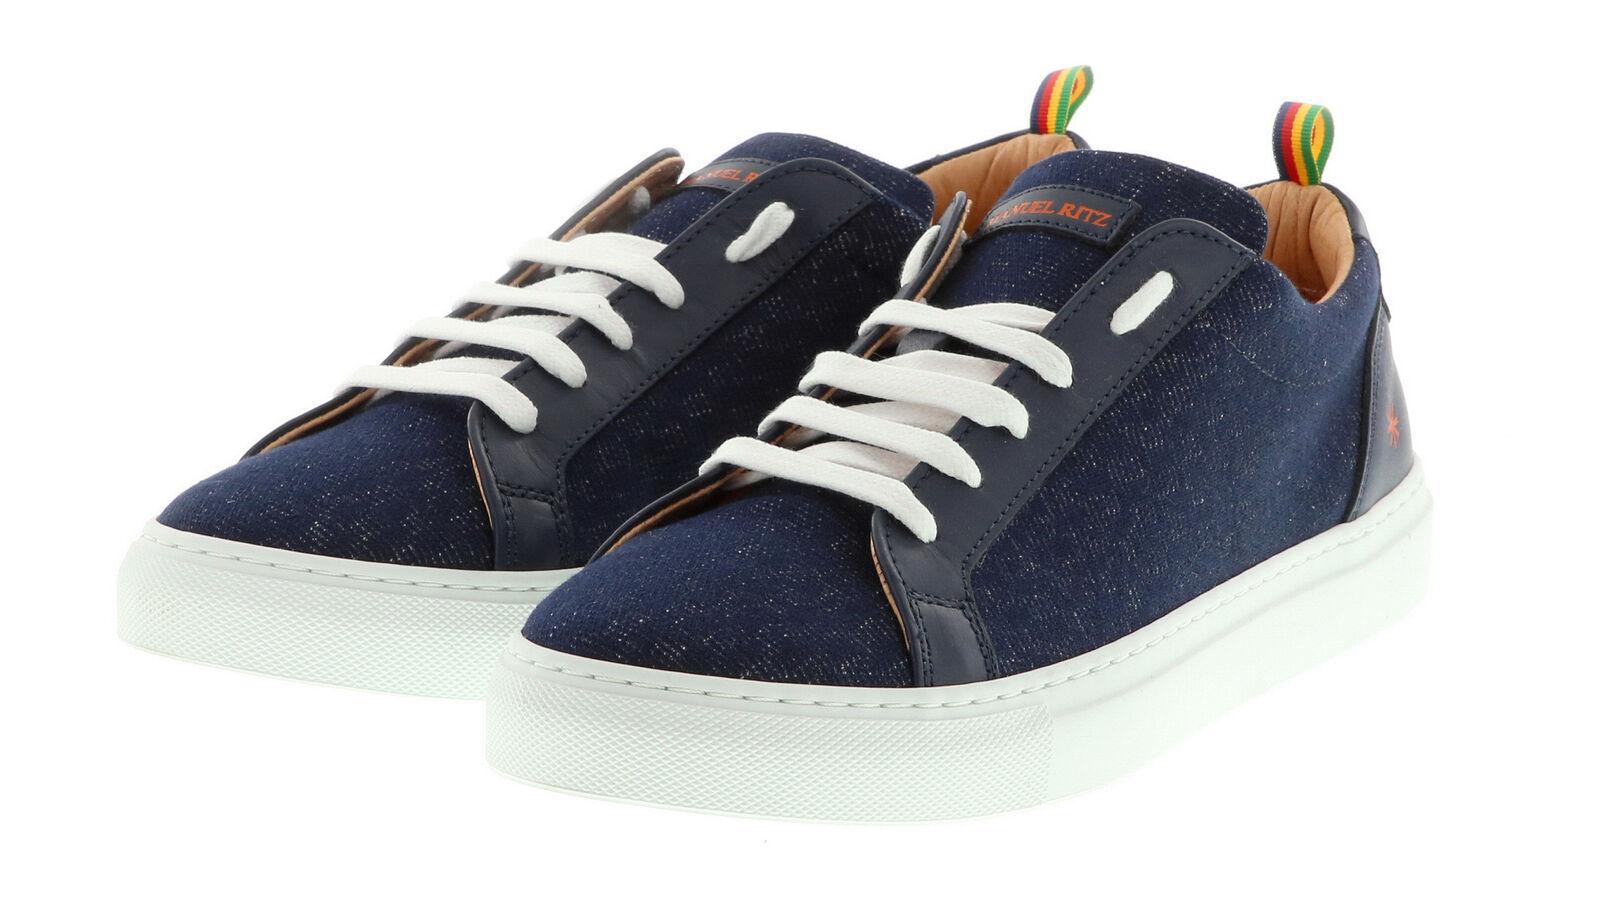 Manuel Ritz-cortos azul azul azul zapatos caballero de diseño deportivo con suela de caucho 5fe383